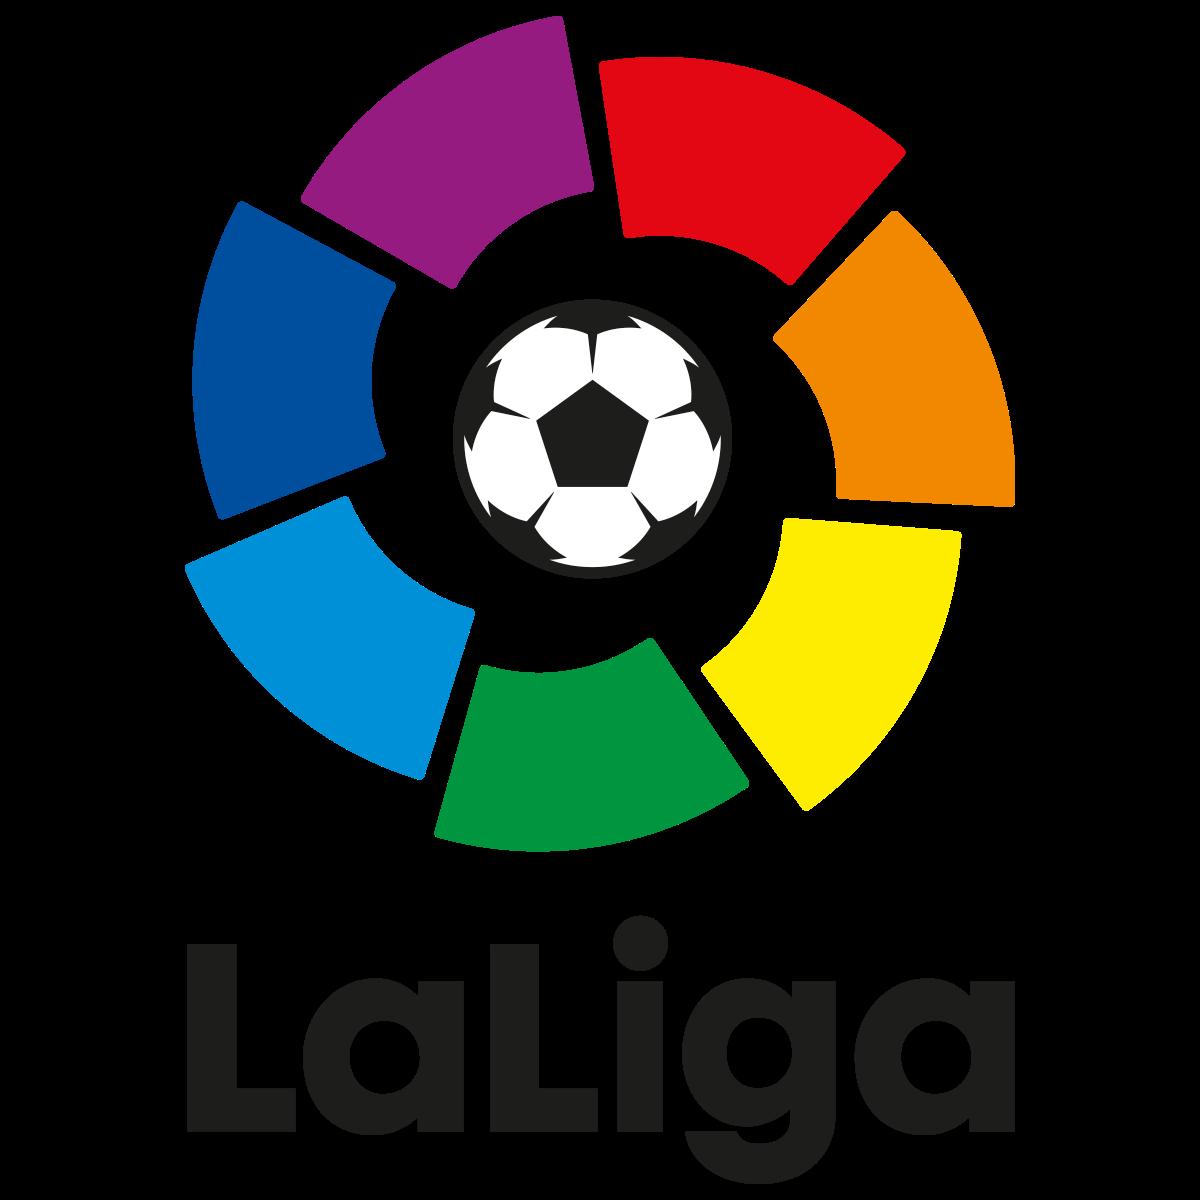 แทงบอล ไฮไลต์การแข่งขันฟุตบอล Barcelona Vs Sevilla